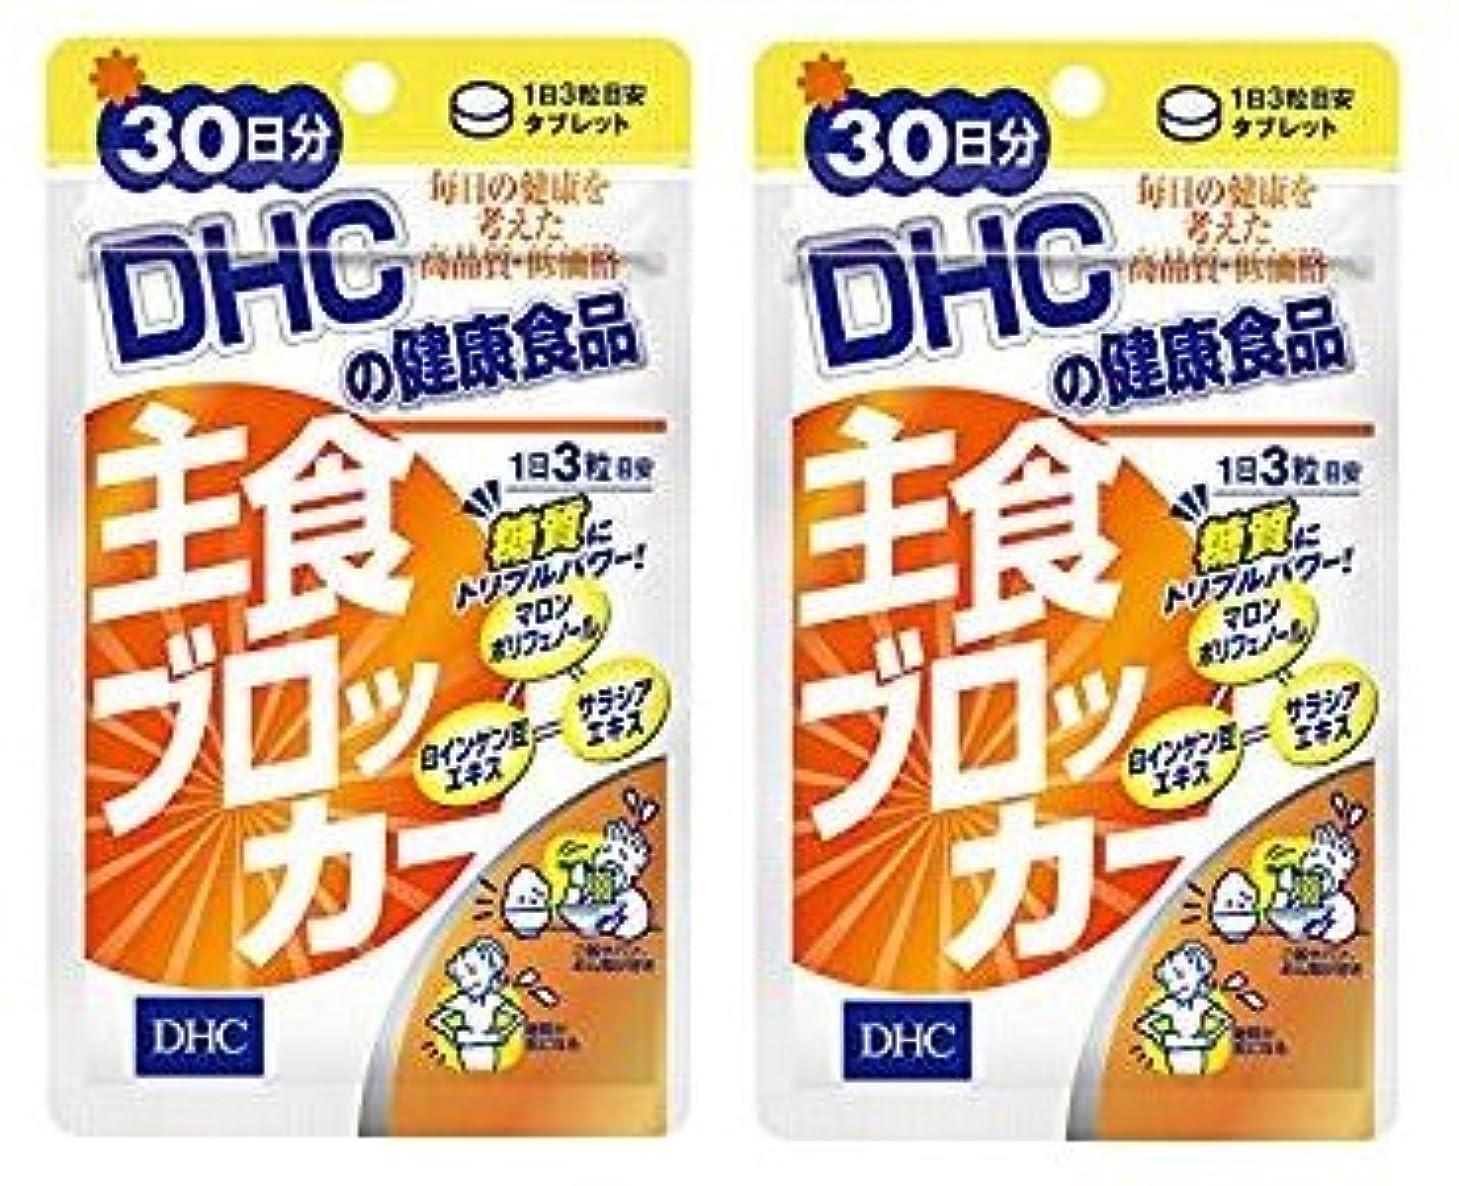 マリンエイズヘリコプター【2個セット】DHC 主食ブロッカー 30日分